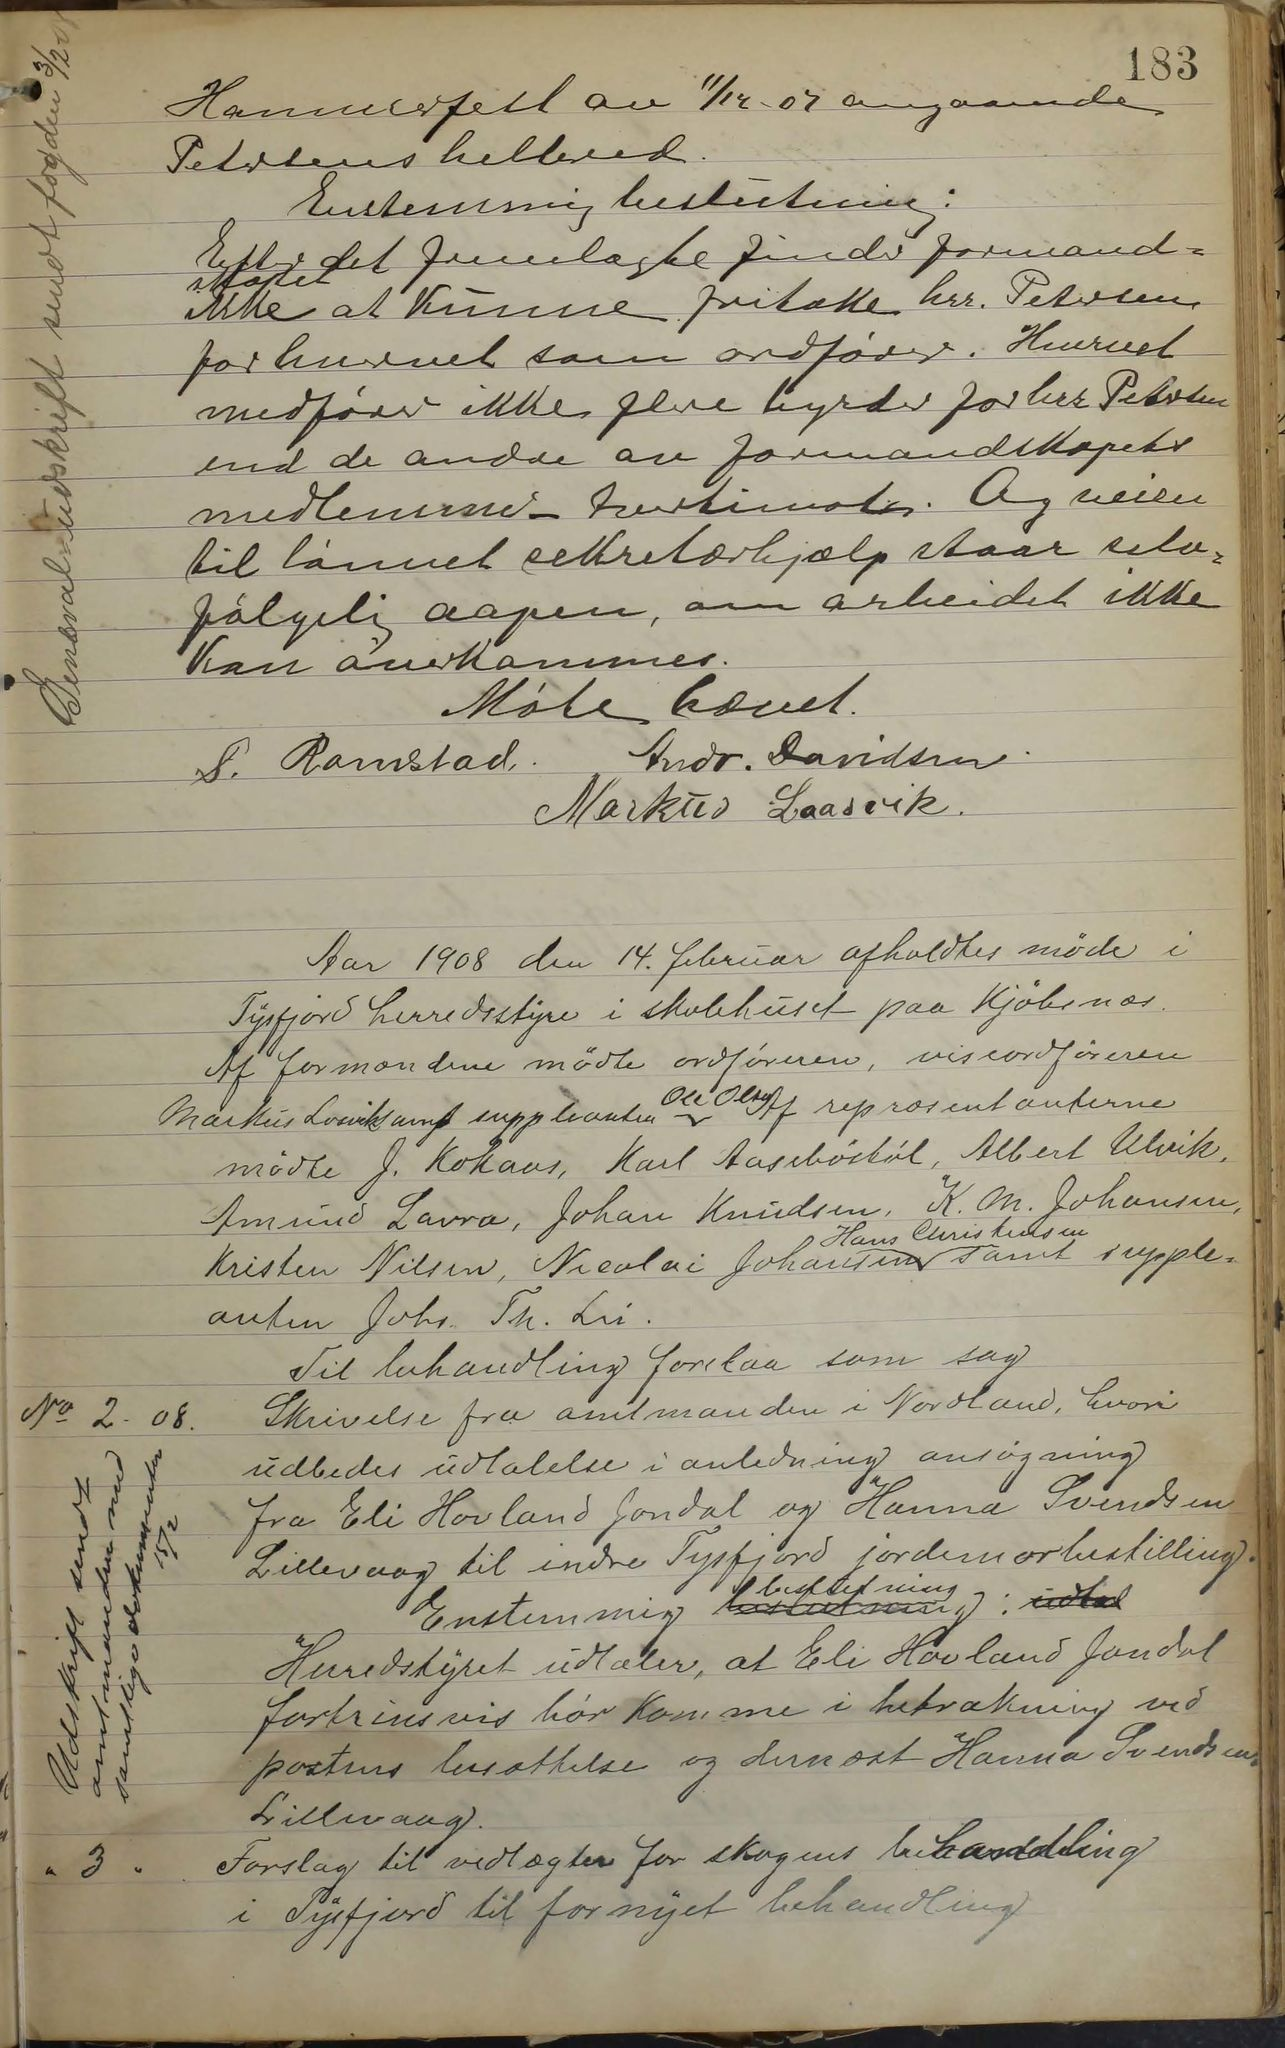 AIN, Tysfjord kommune. Formannskapet, 100/L0002: Forhandlingsprotokoll for Tysfjordens formandskap, 1895-1912, s. 183